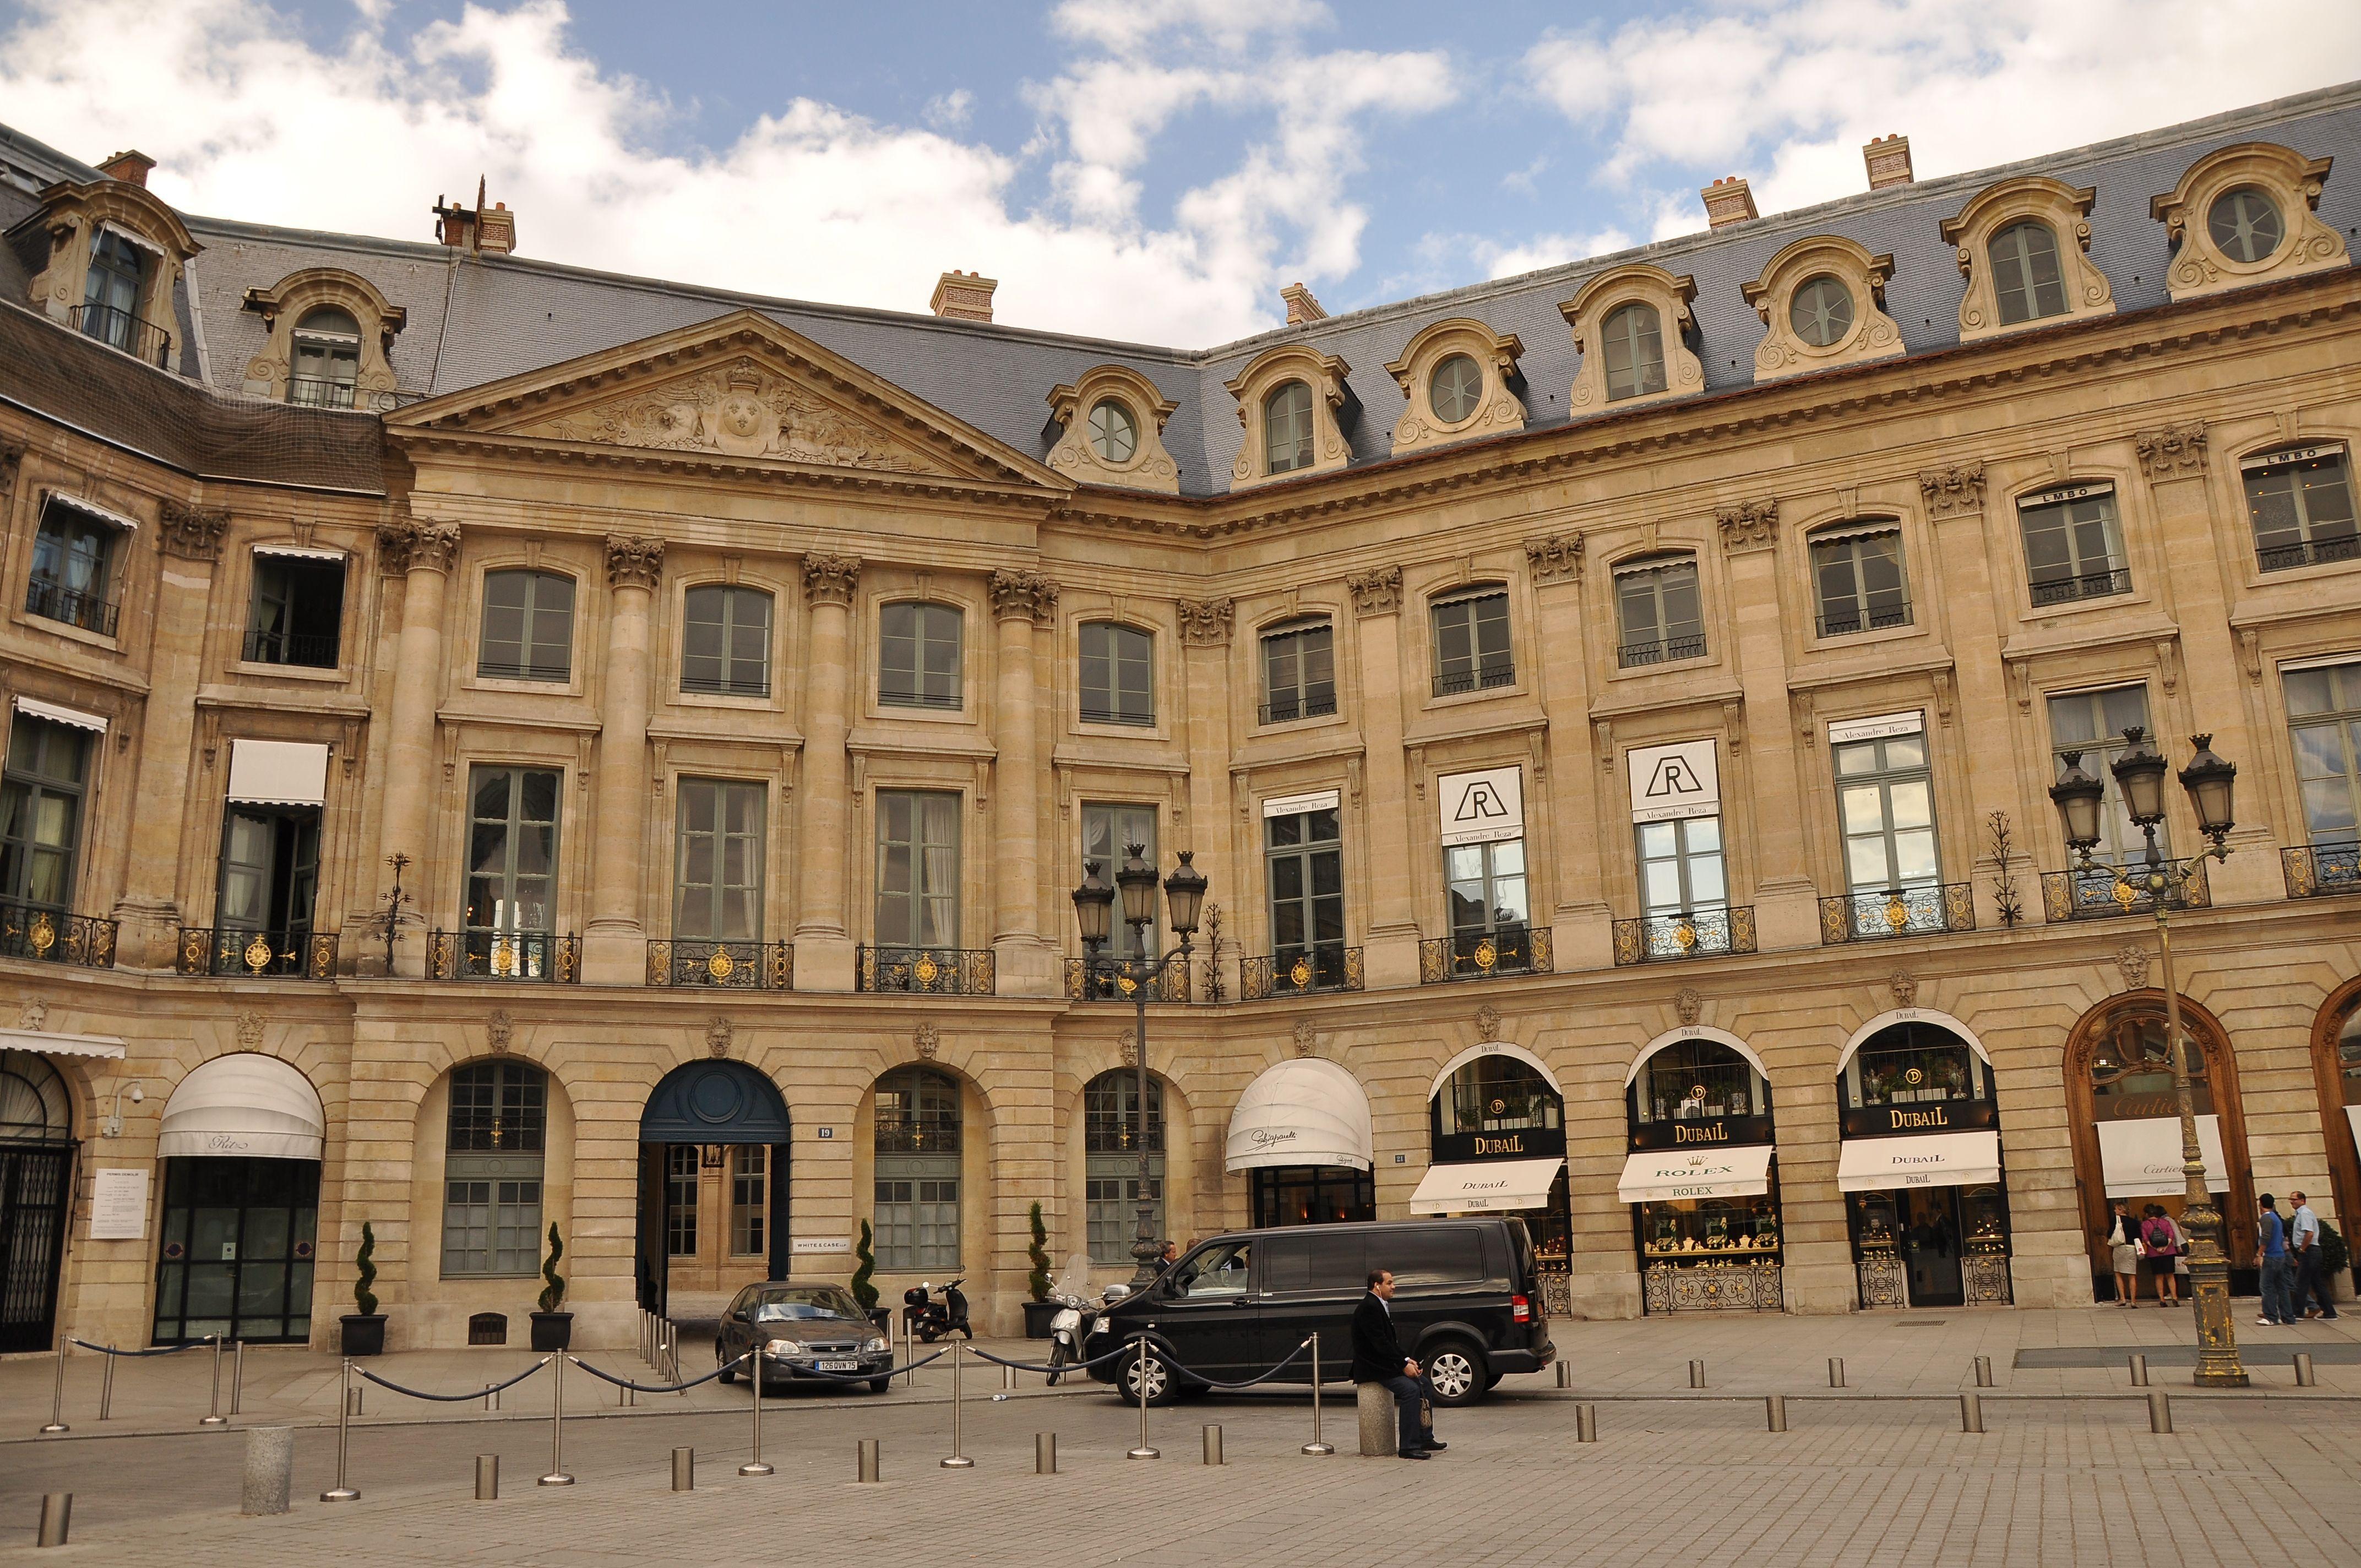 에브뢰 호텔 hotel d'evreux paris Évreux, Ile de france, Place